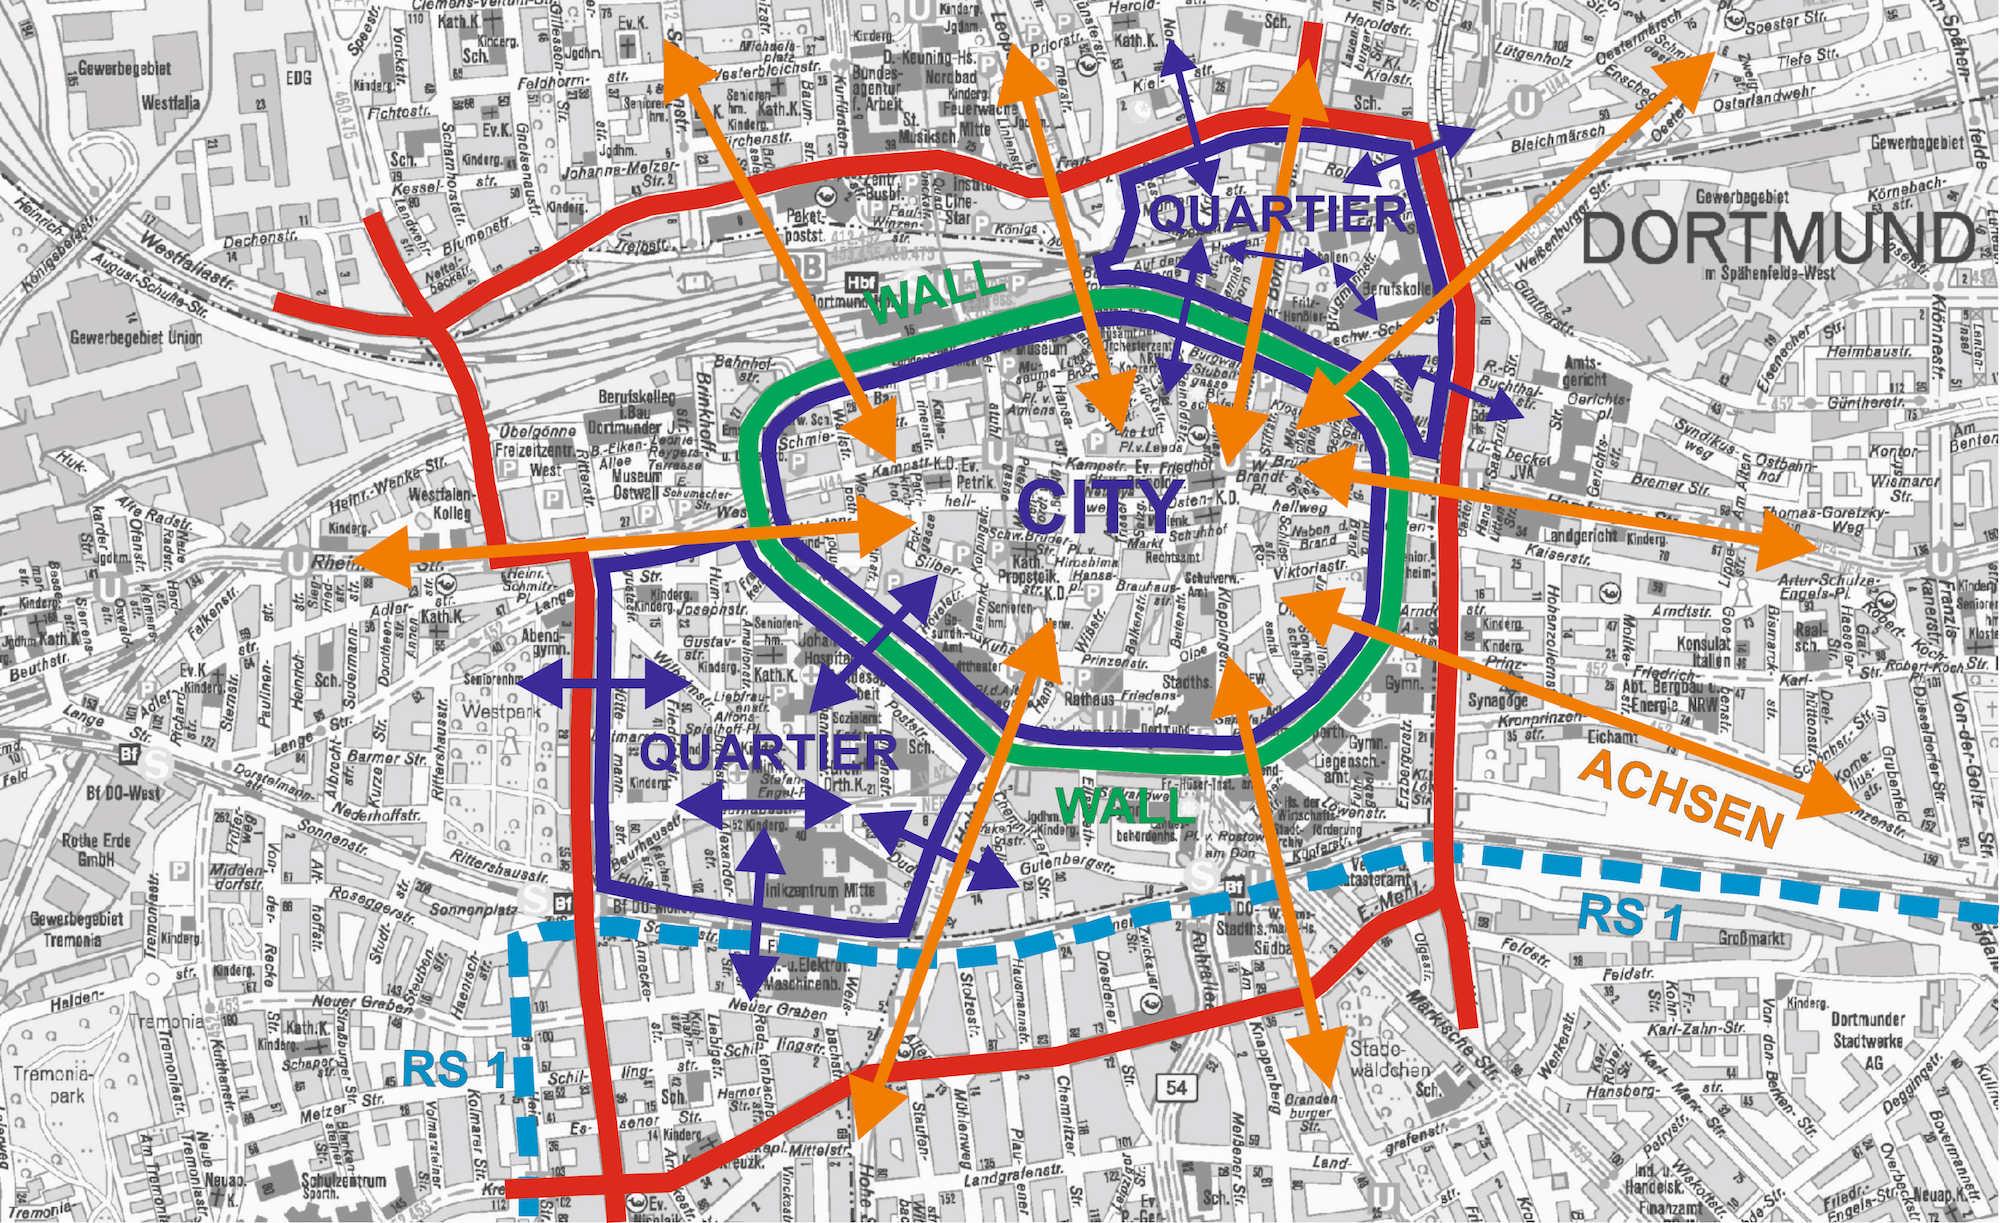 Darstellung der vier Leitthemen CITY, WALL(RING), ACHSEN und QUARTIER. Quelle: Stadtplanungs- und Bauordnungsamt, Mobilitätsplanung - Rundblick Dortmund